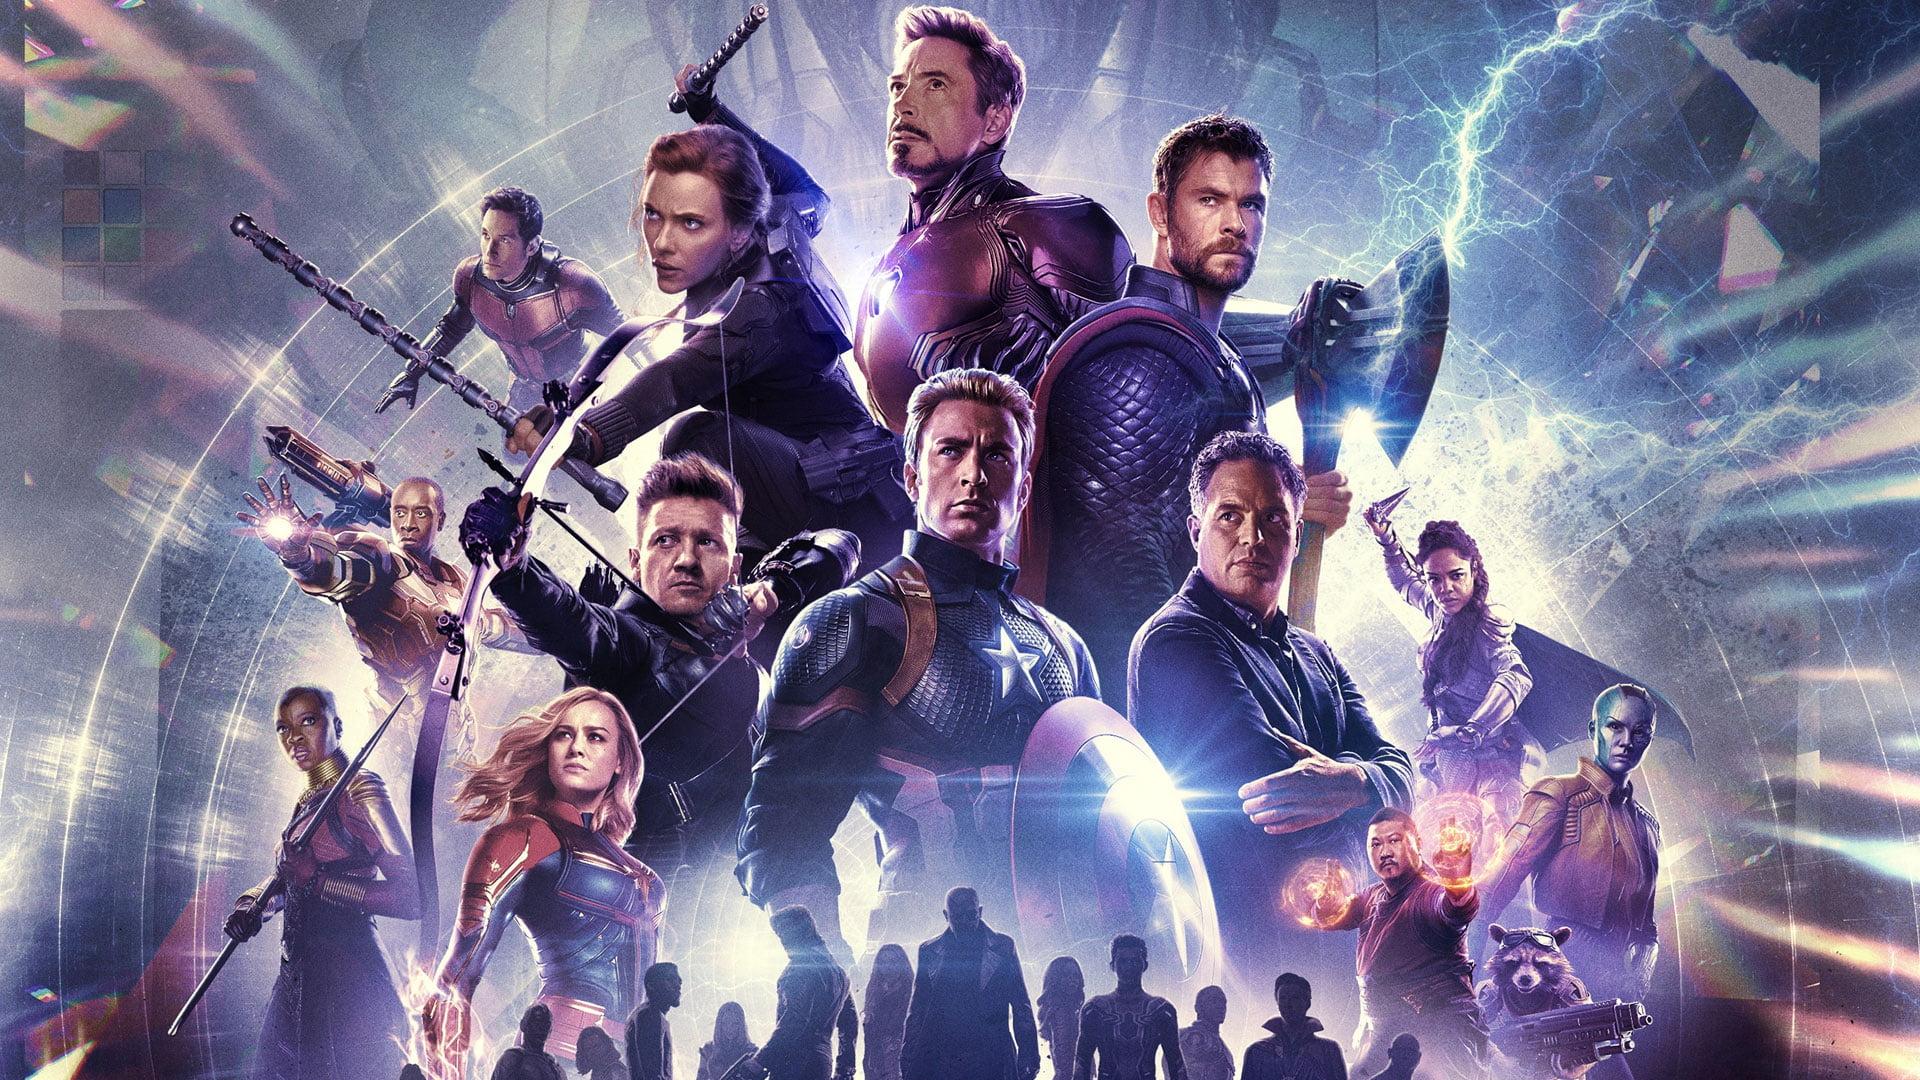 Літерал Месники: Завершення [UA] | Literal Avengers: Endgame